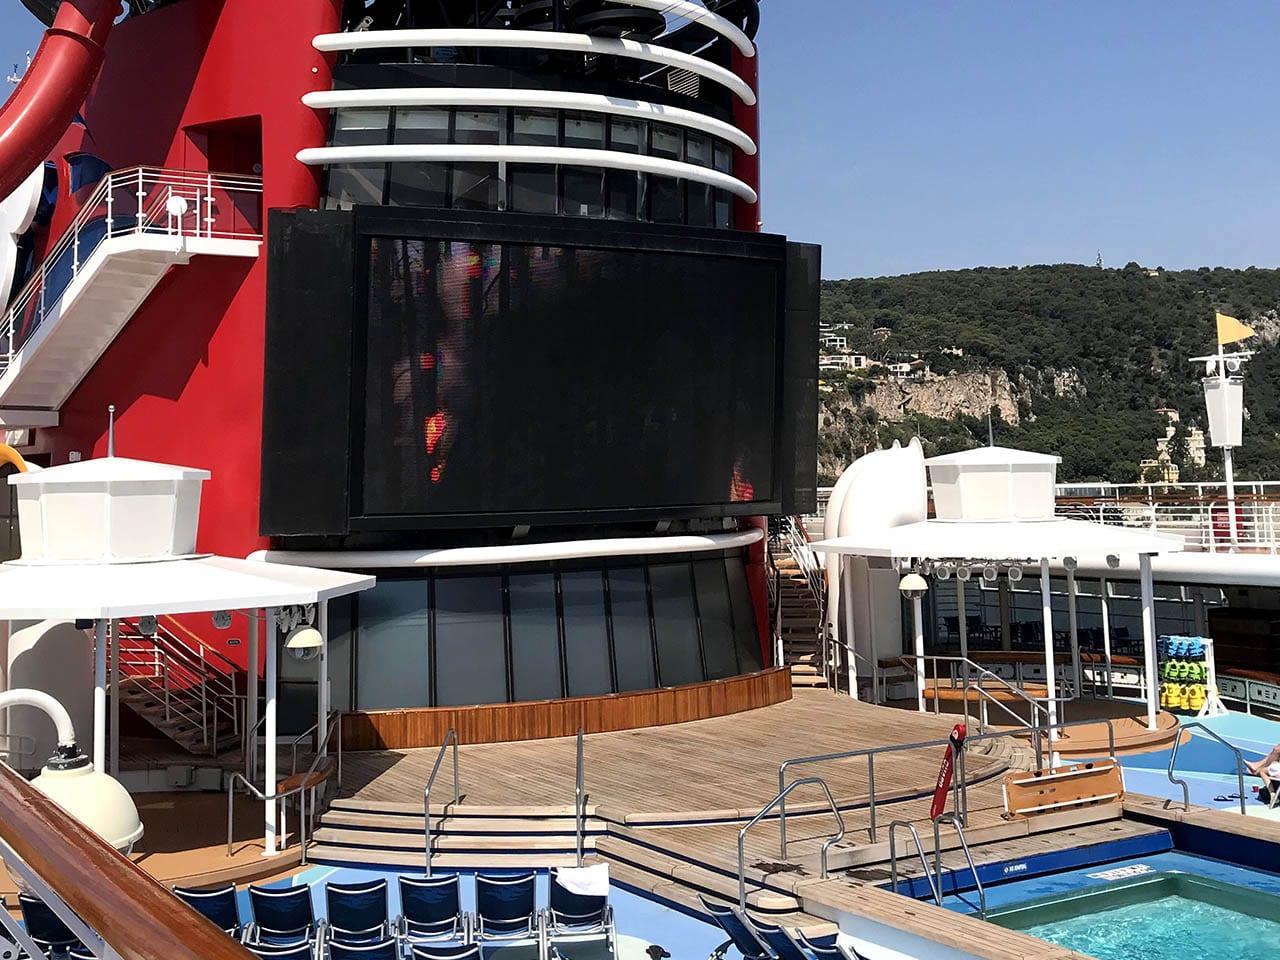 Un endroit parfait pour regarder un film sur sa bouée, Disney cruise line, bateau Disney